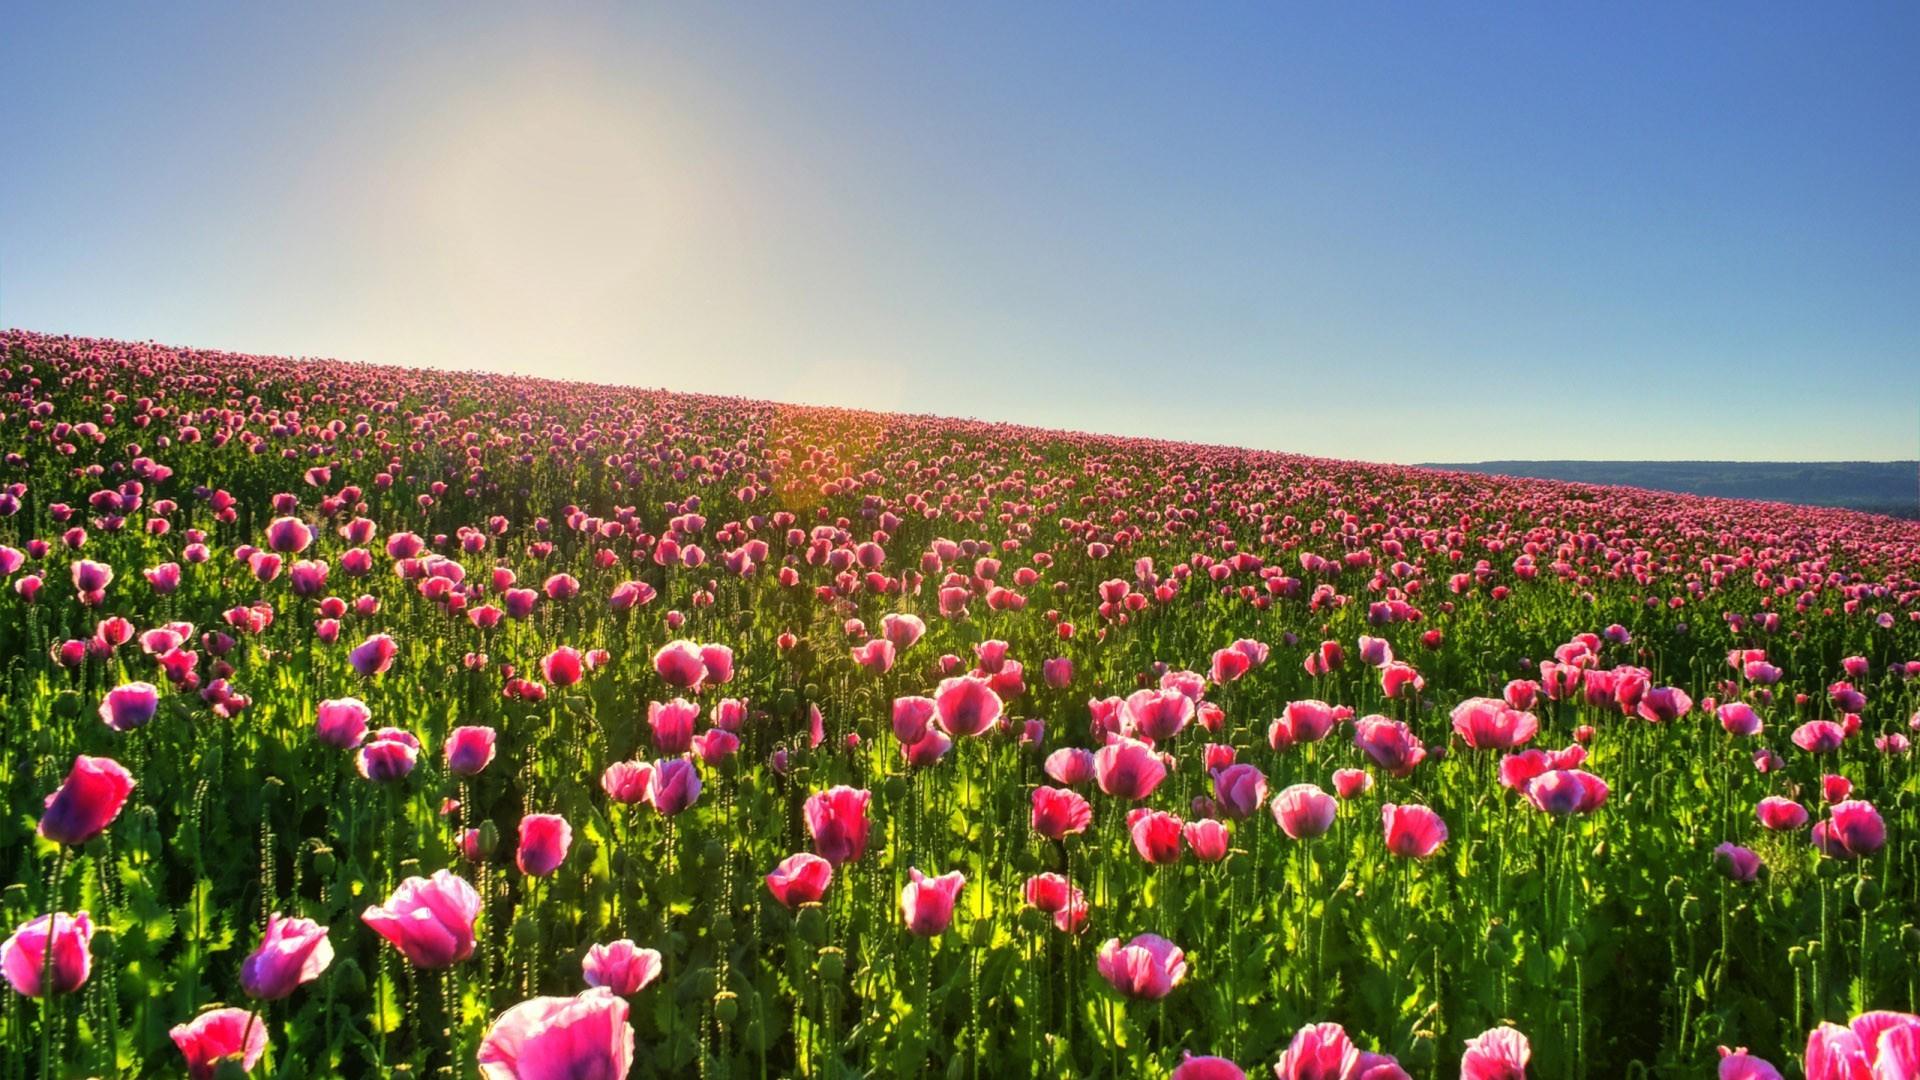 Tulip Fields 27 HD Image